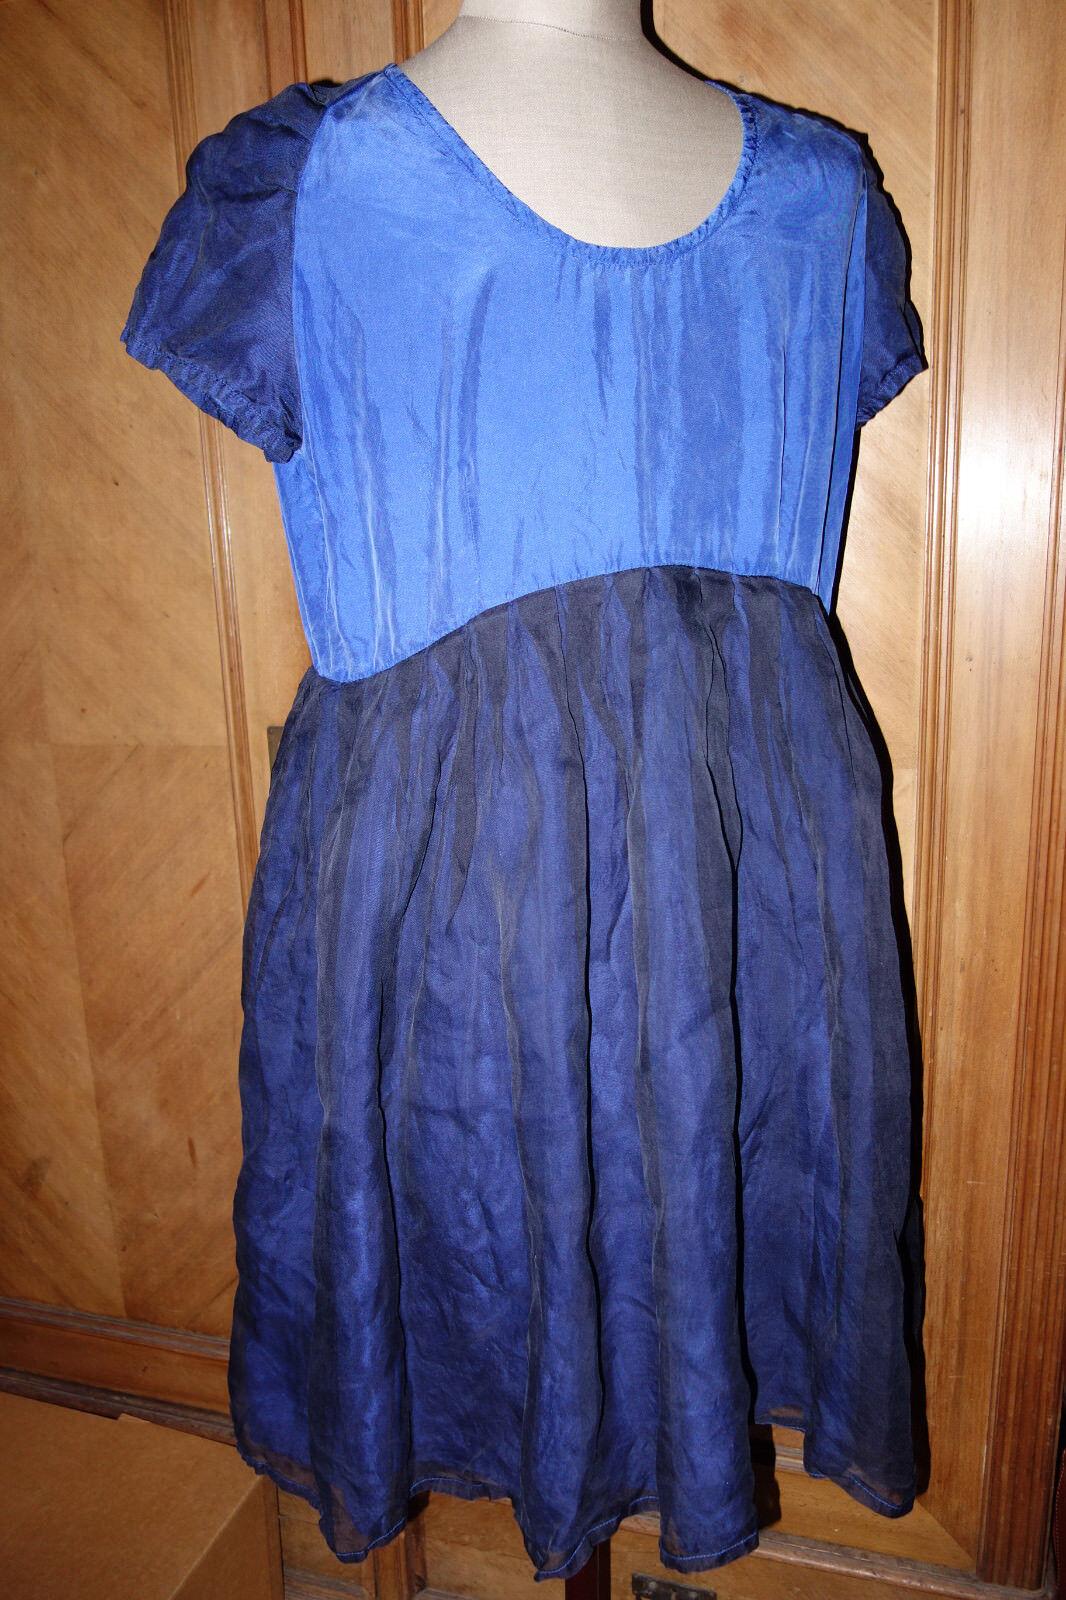 COCON COMMERZ PRIVATSACHEN Tolles Kleid aus Seide königsblau und dunkelblau M-L